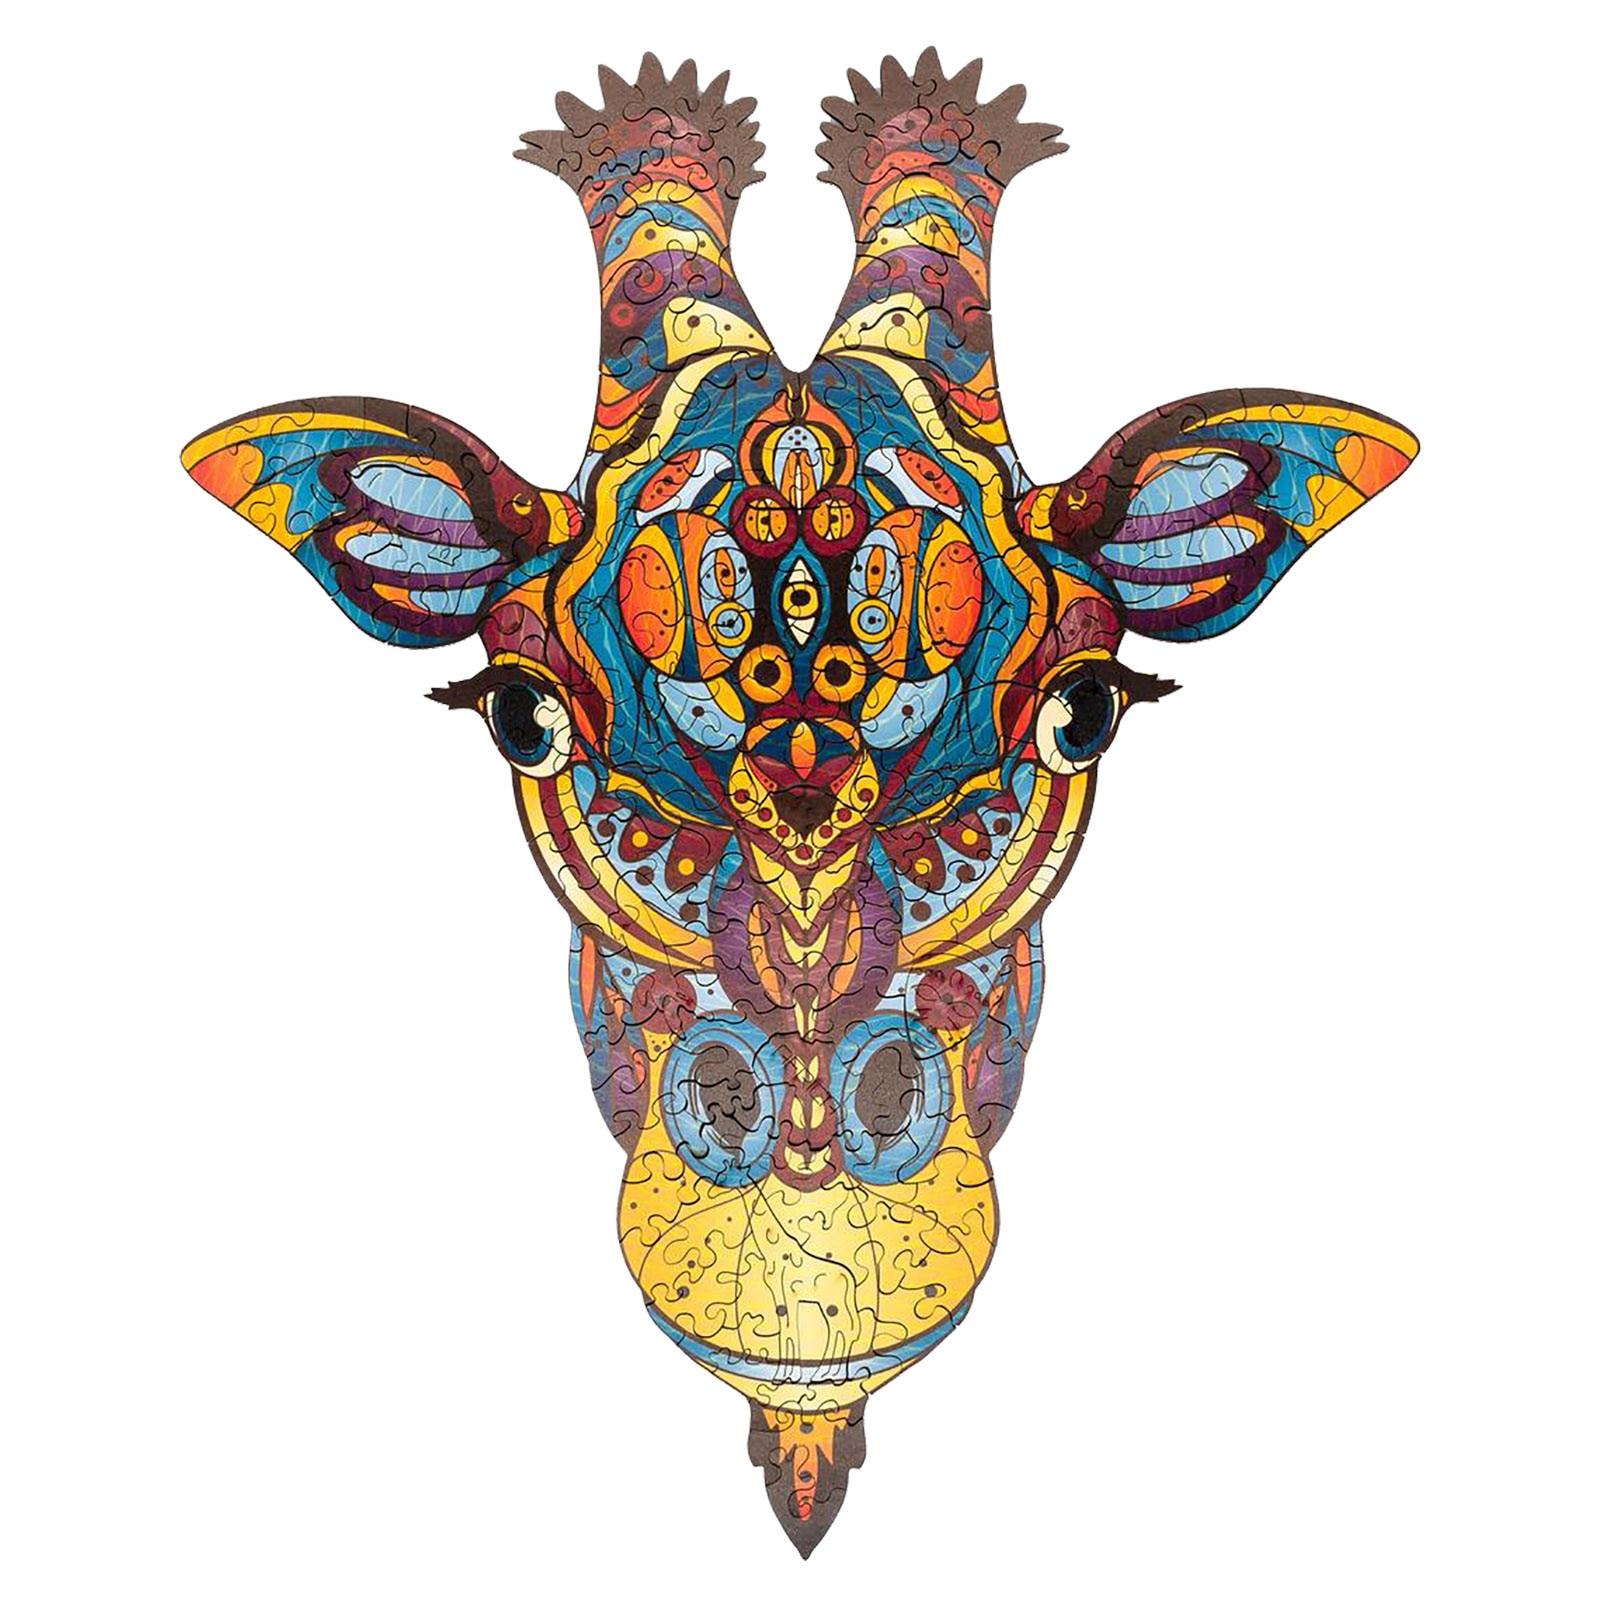 Новинка красочный жираф деревянный пазл развитие мышления Космос для взрослых образовательные сказочные Монтессори детские игрушки головоломки|Пазлы|   | АлиЭкспресс